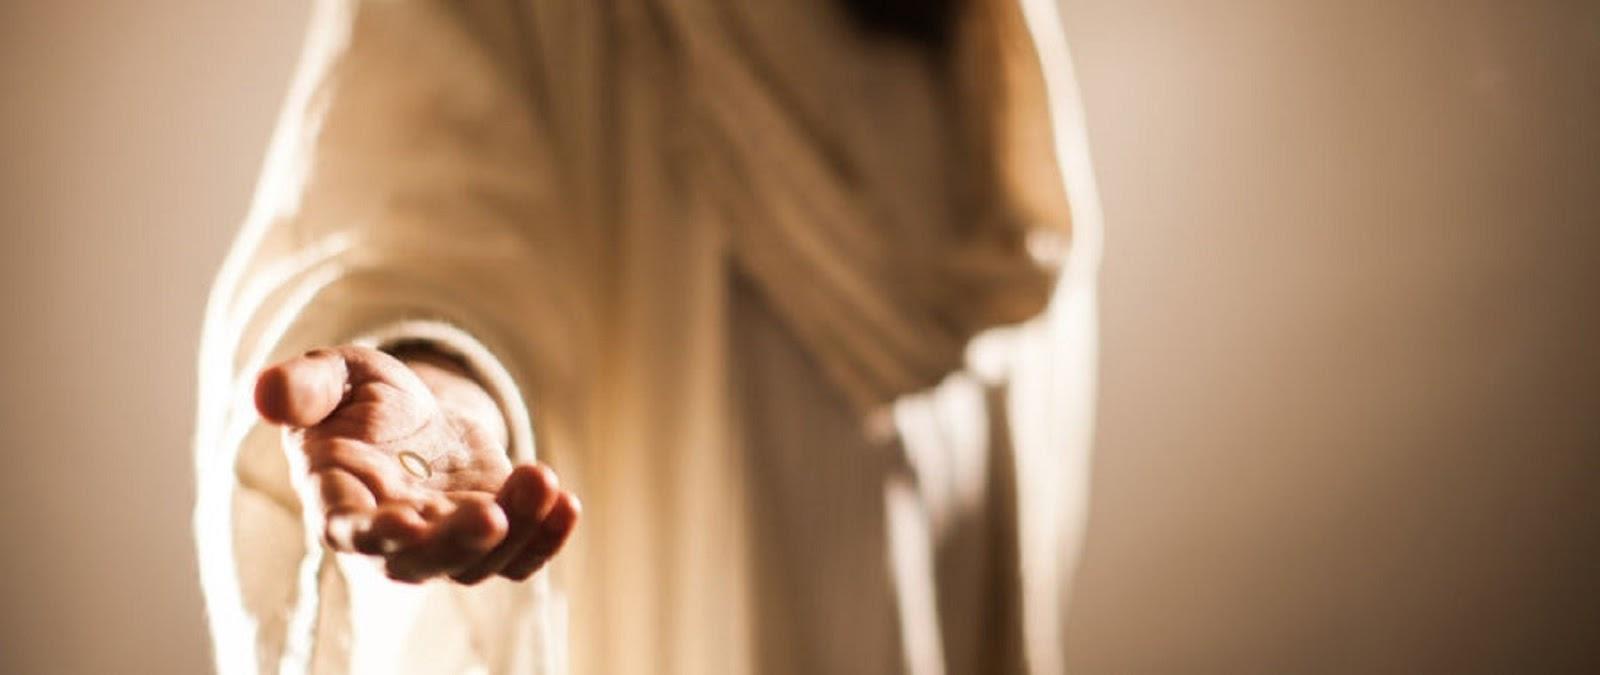 Anda Dipanggil Untuk Menjadi Seperti Kristus